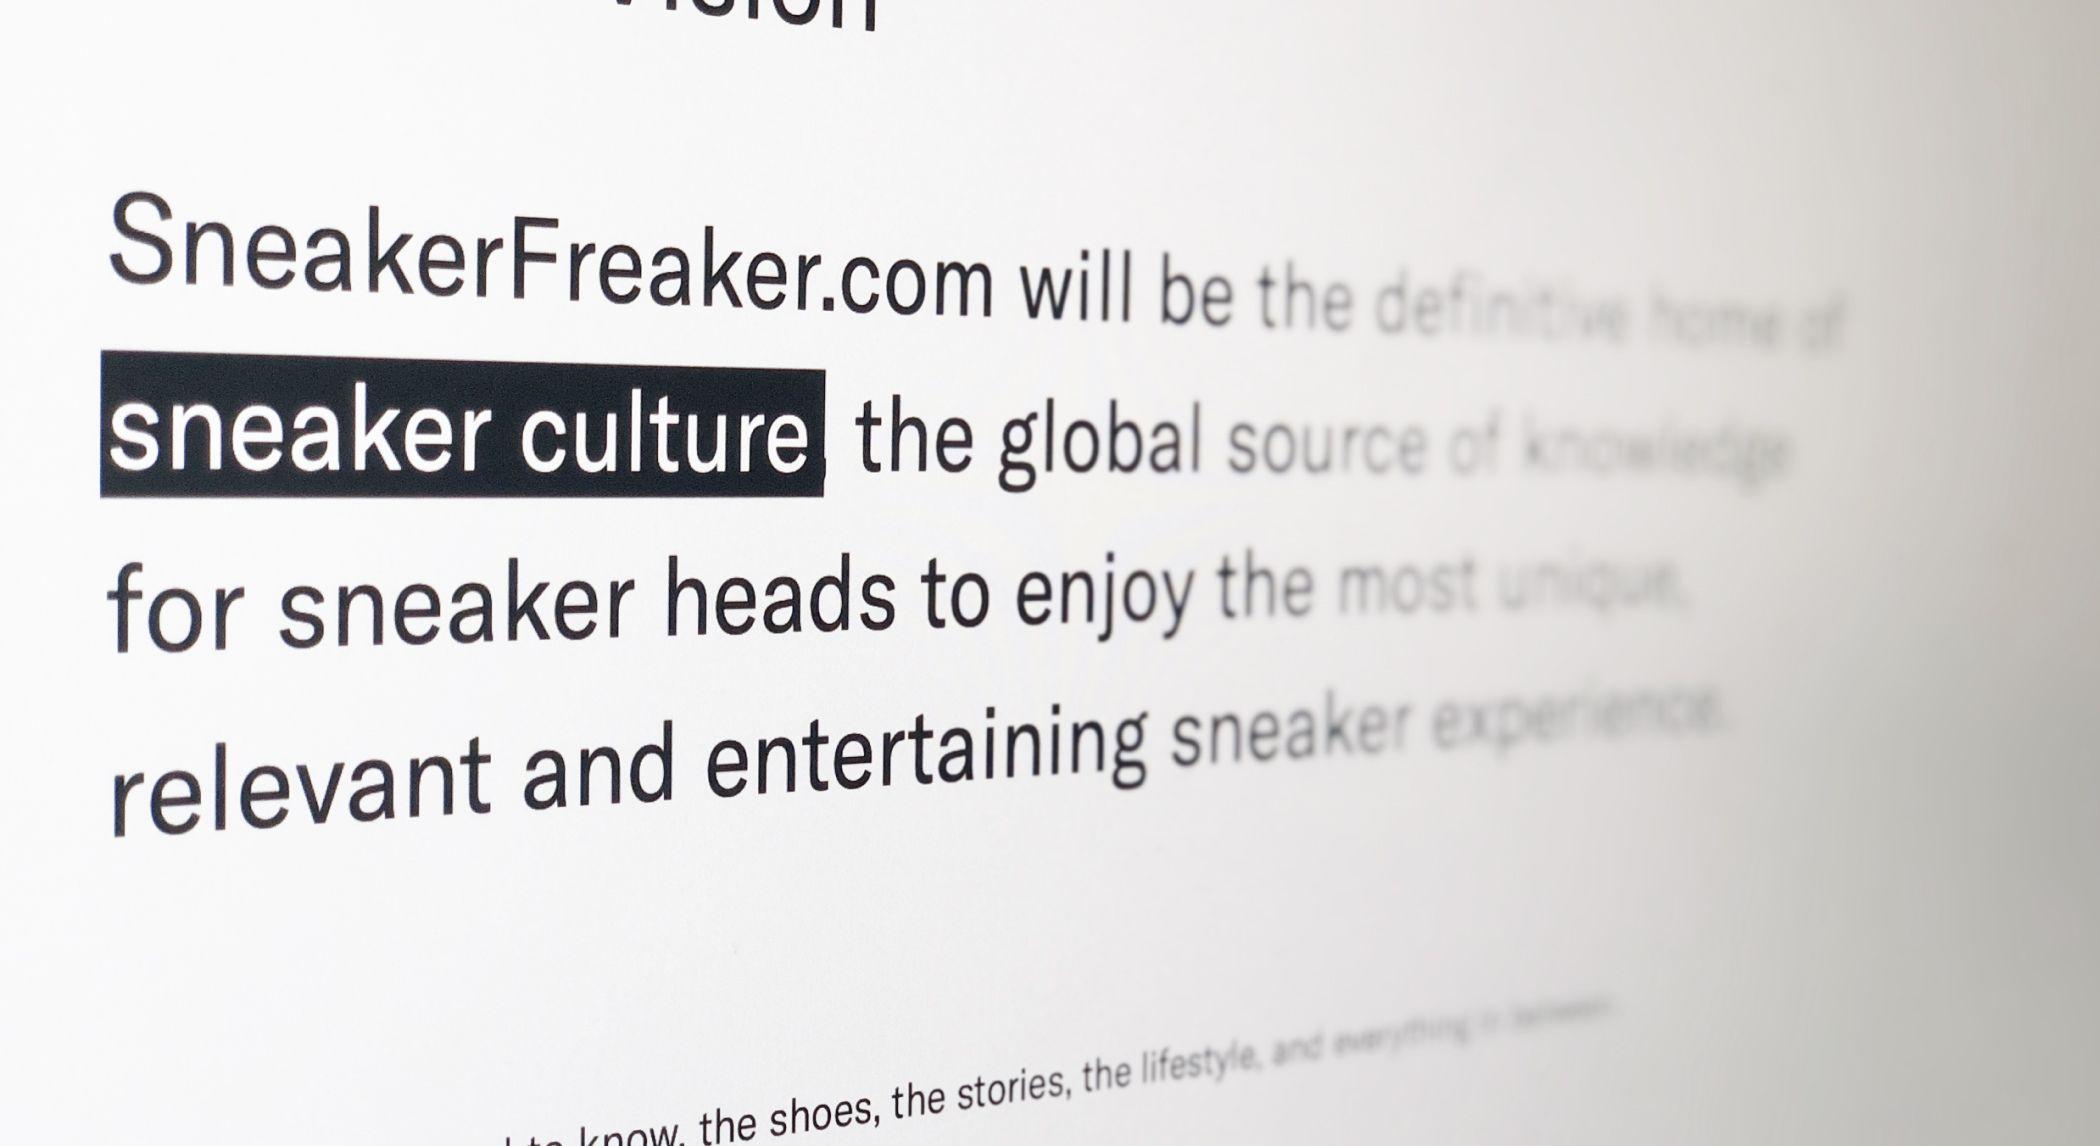 Sneaker Freaker's vision